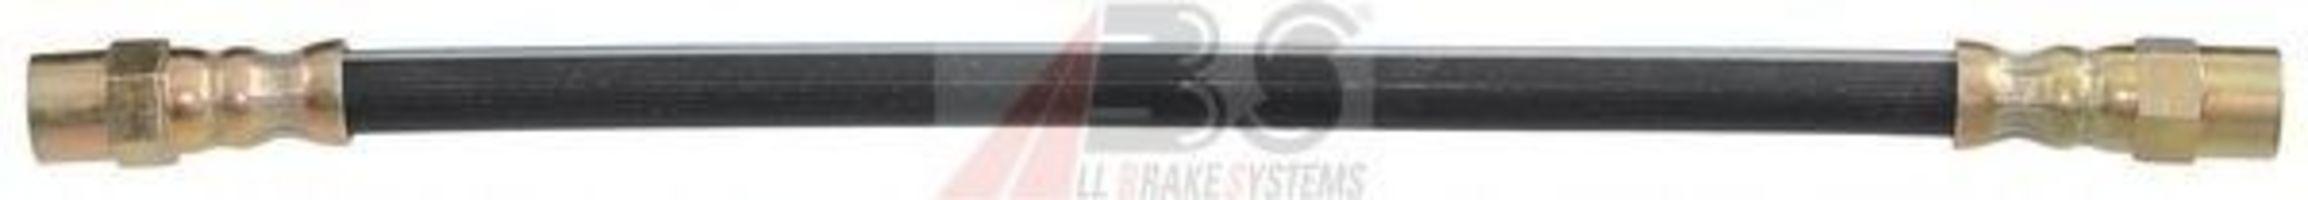 Шланг тормозной A.B.S. SL 2420